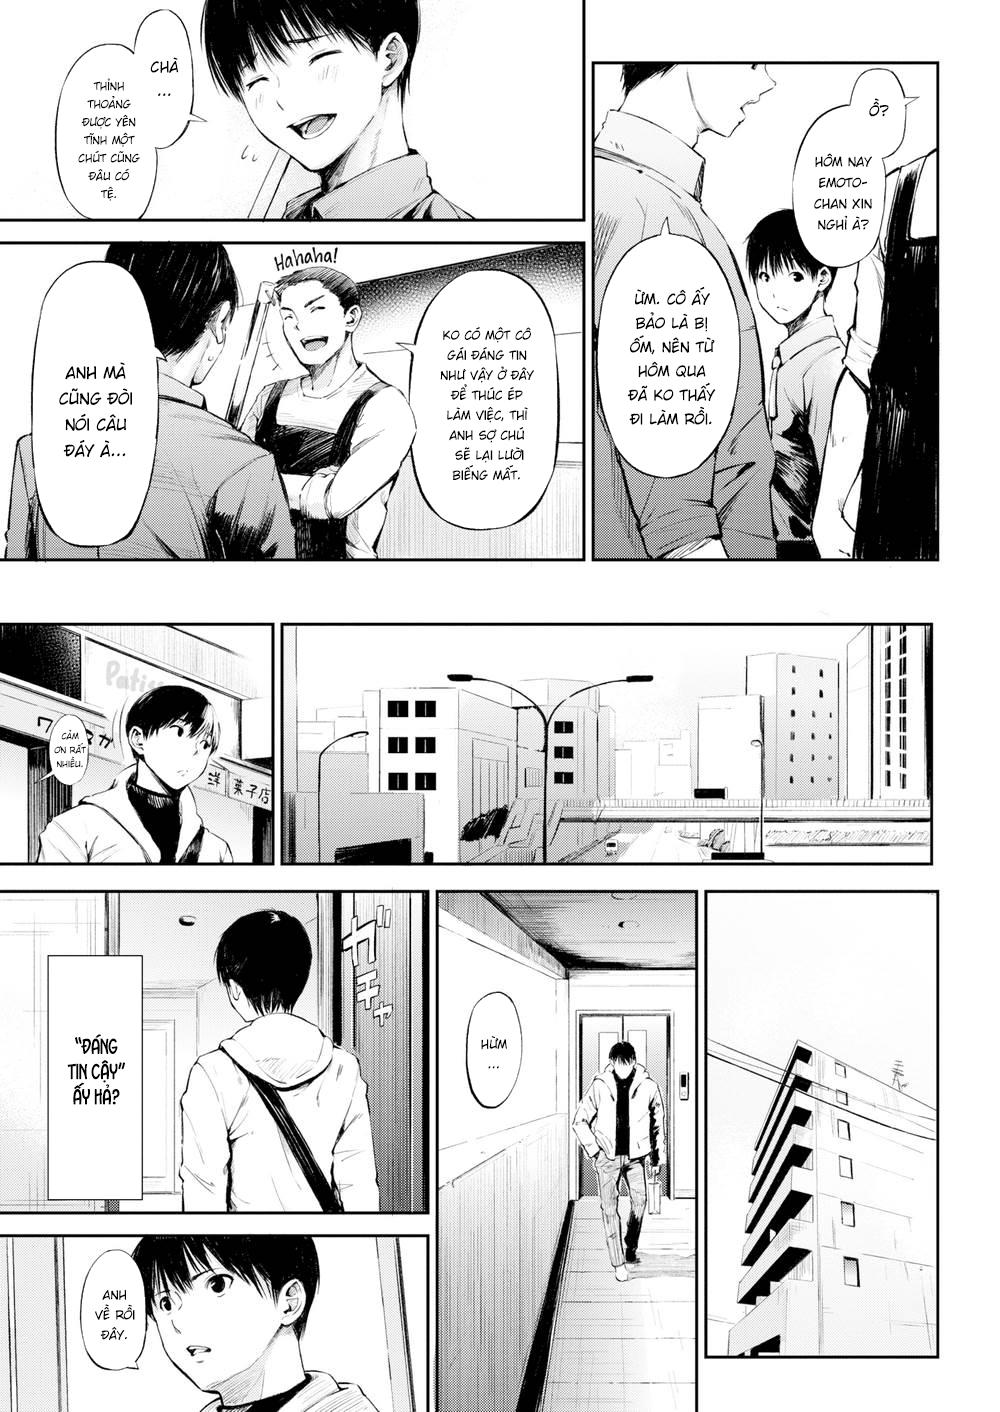 Hình ảnh  trong bài viết Upstanding Emoto-san